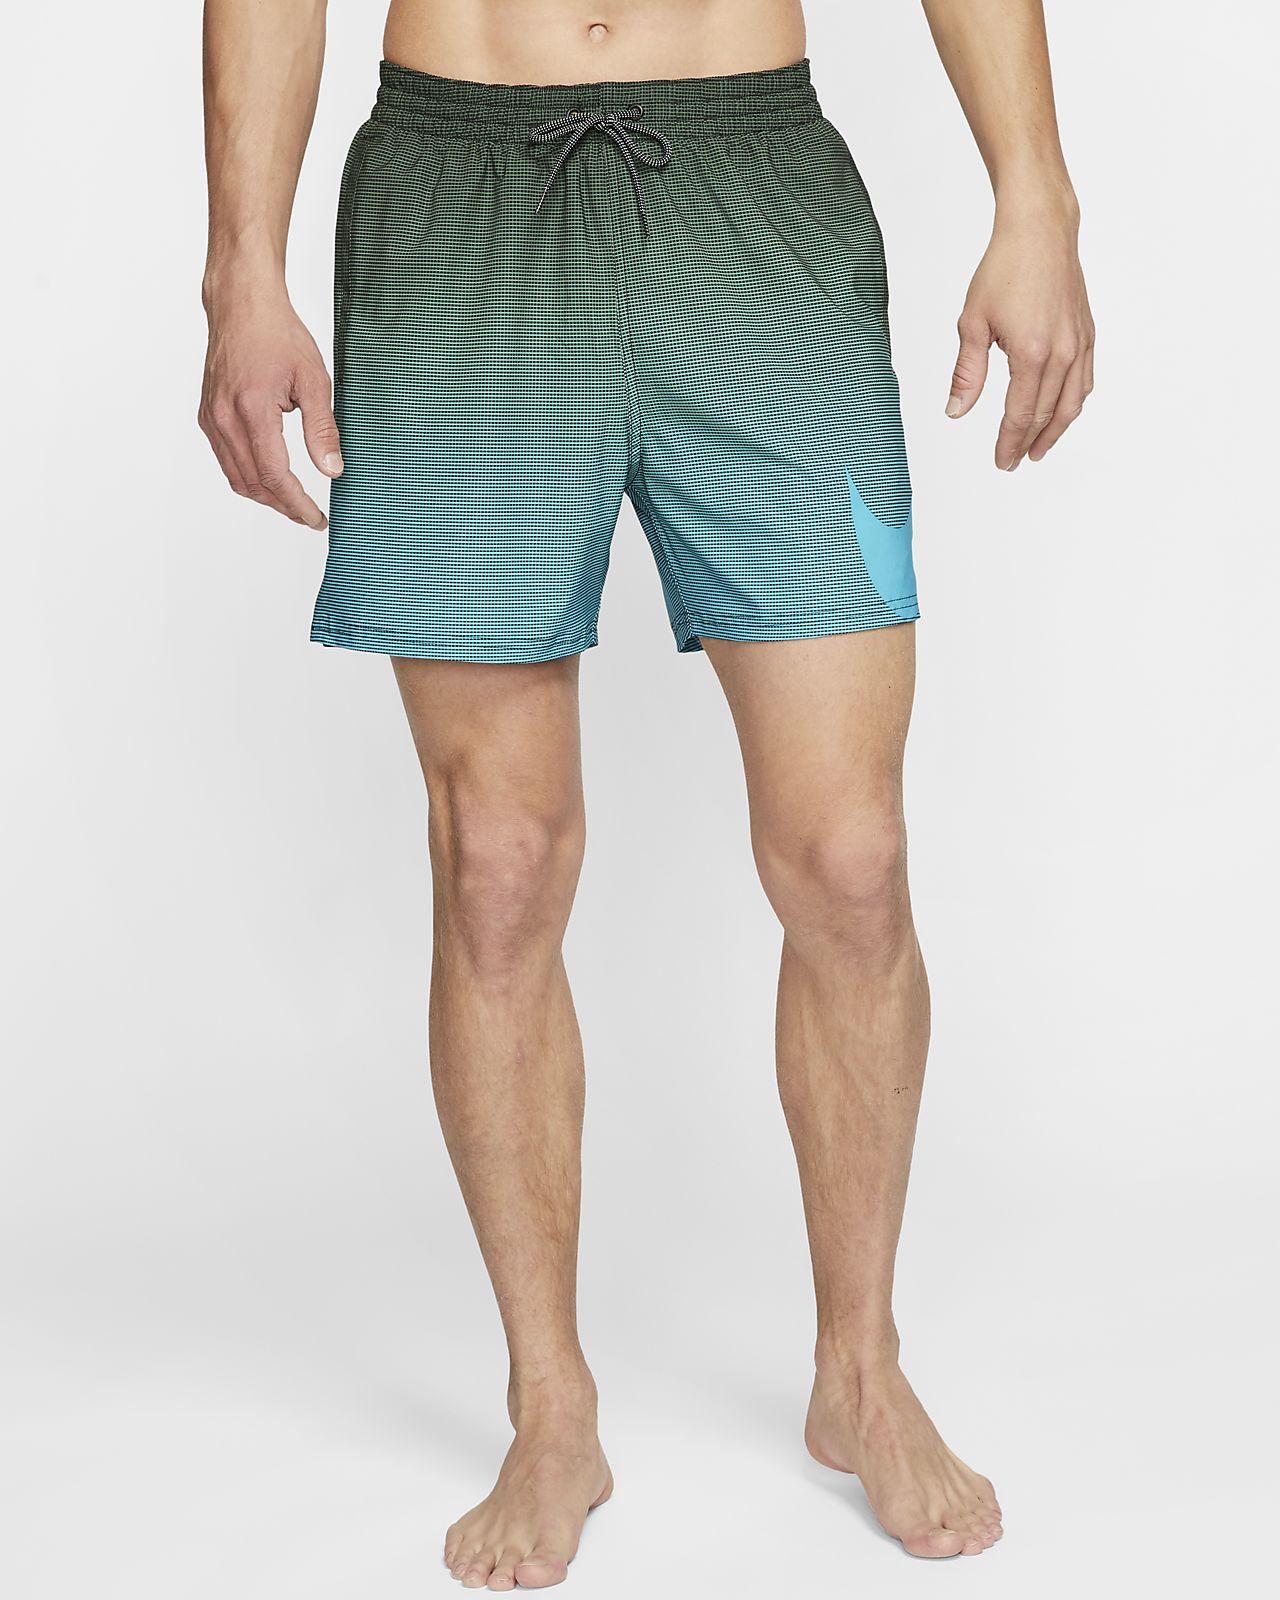 Badbyxor Nike Color Fade Vital 13 cm för män